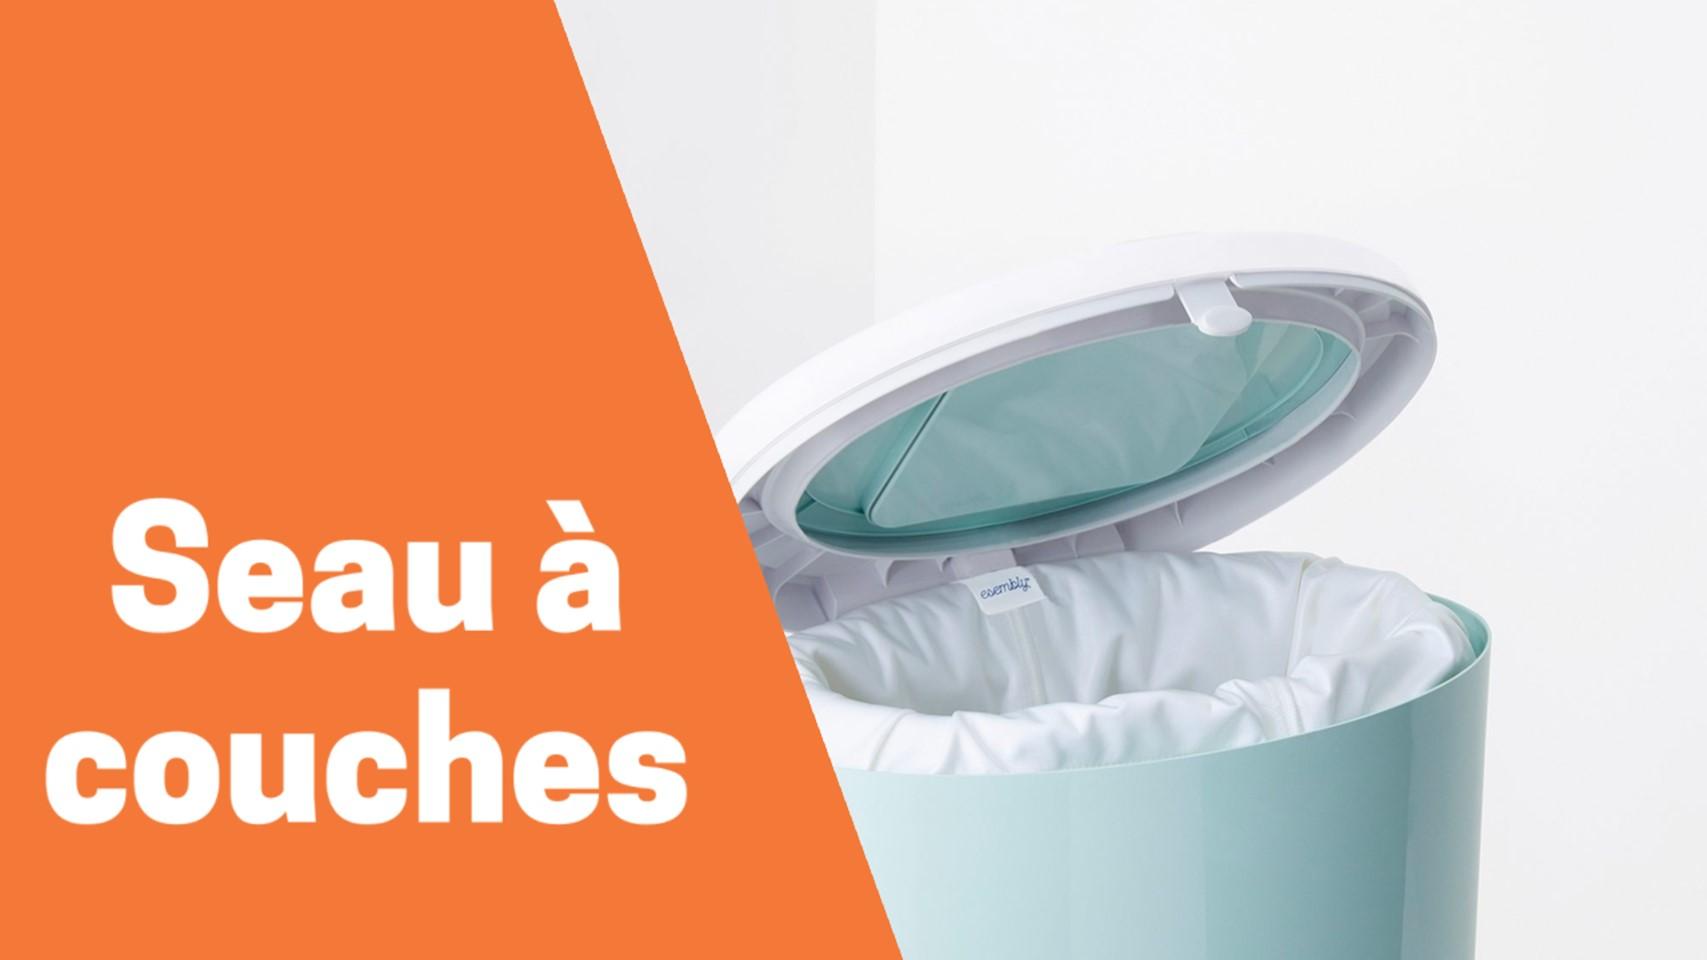 Meilleur seau ou poubelle à couches comparatif avis test guide achat